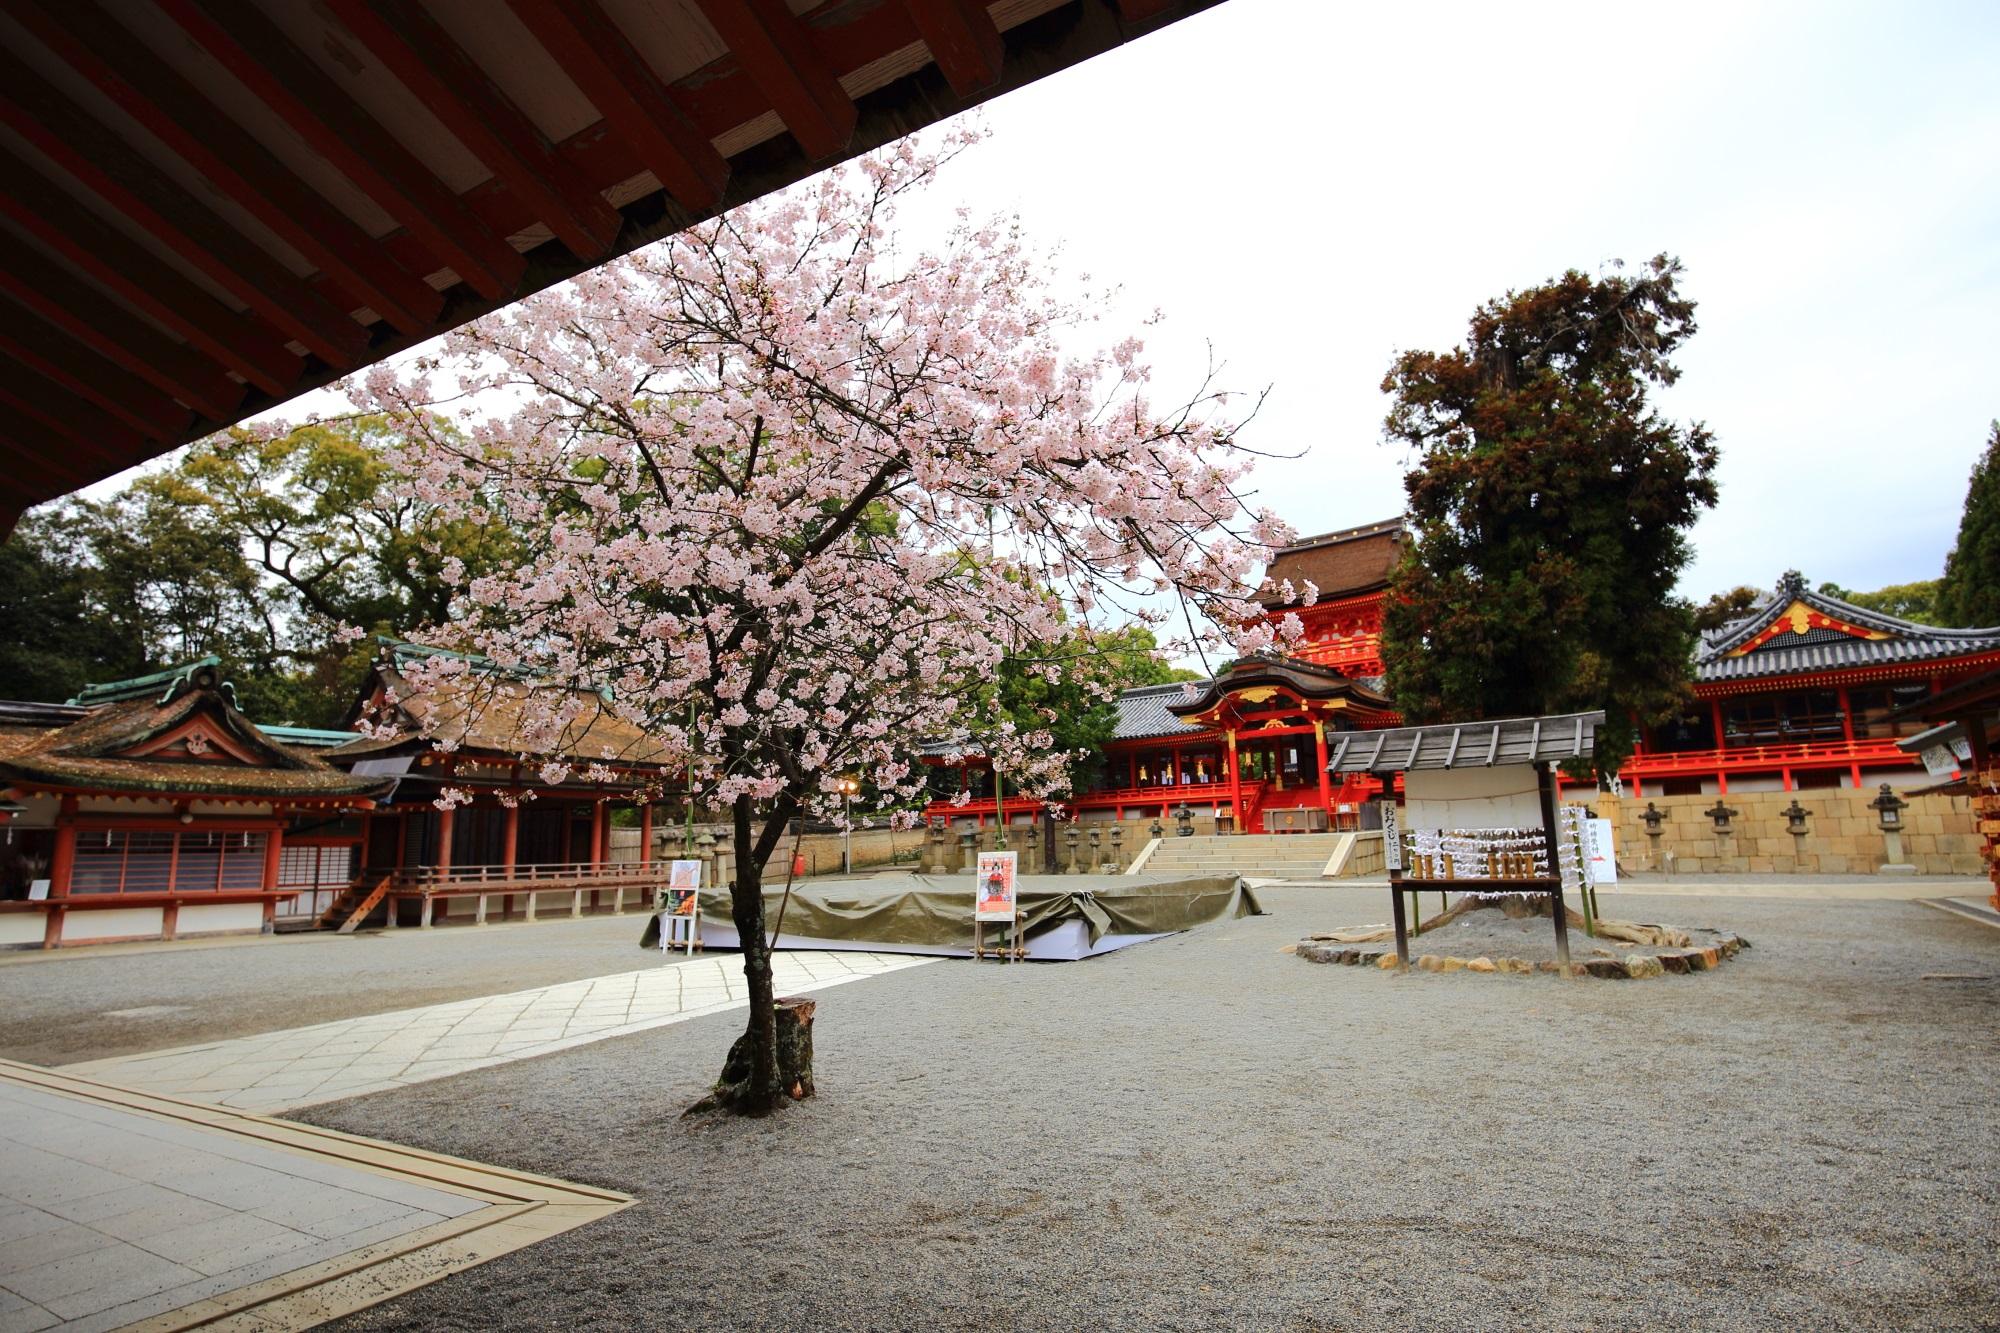 青空で見たかった綺麗な本殿と桜の風景